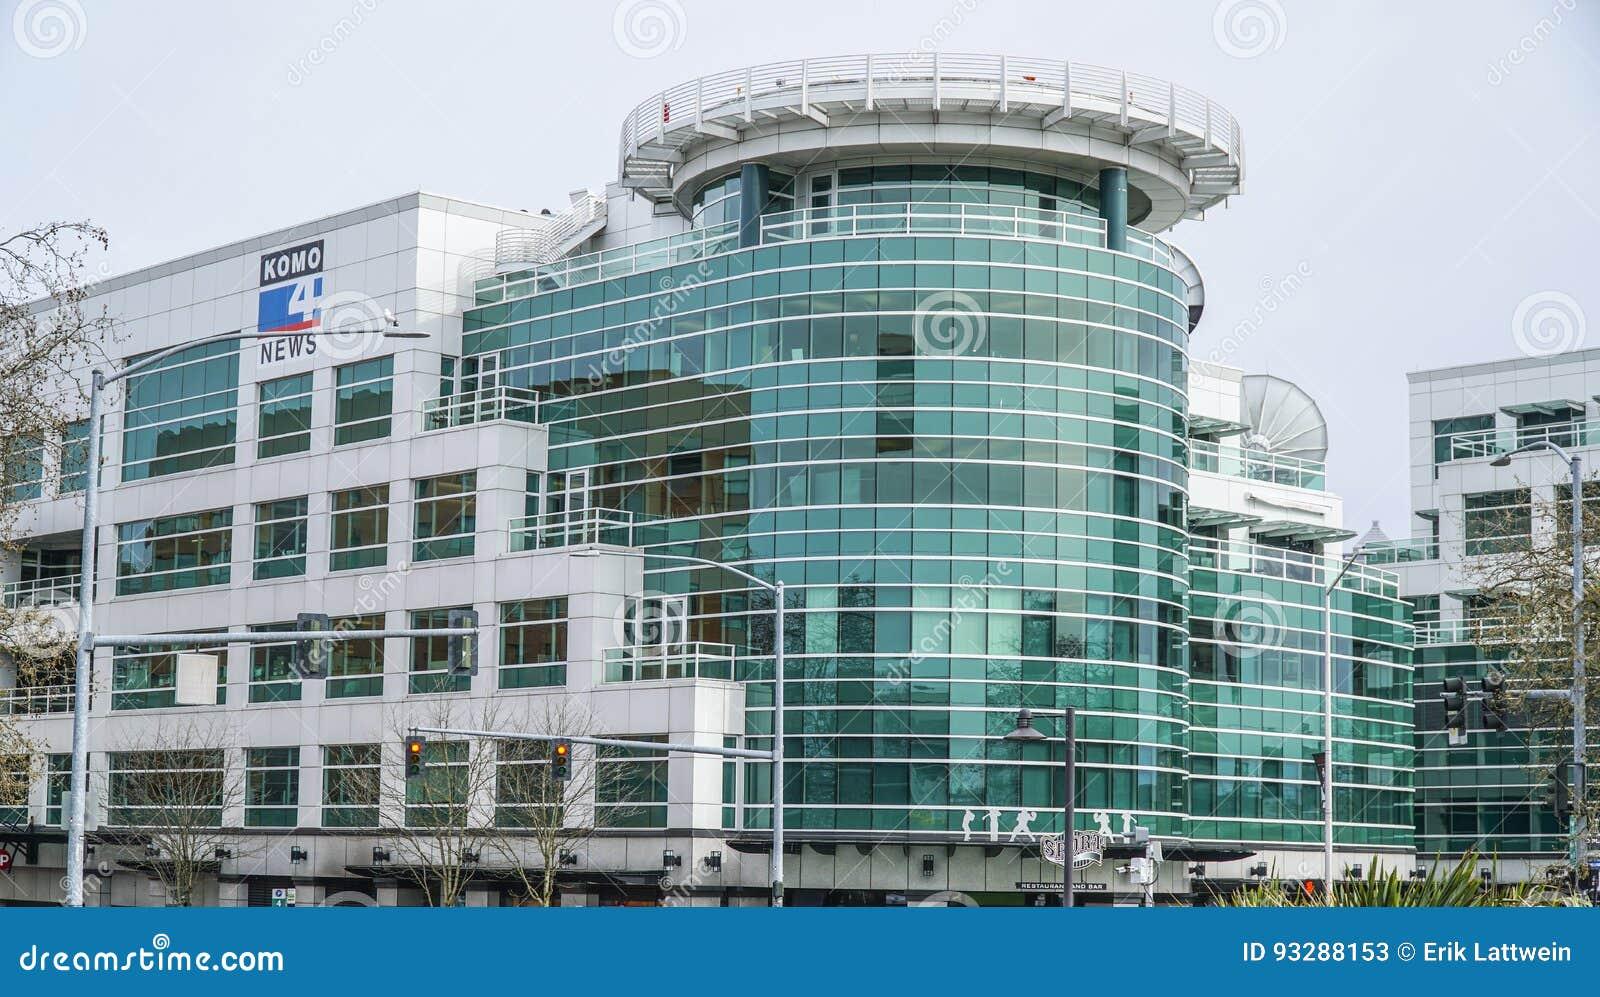 Modernes Komo-Piazza-Gebäude In Seattle - Bekannt Von Der Grau ...